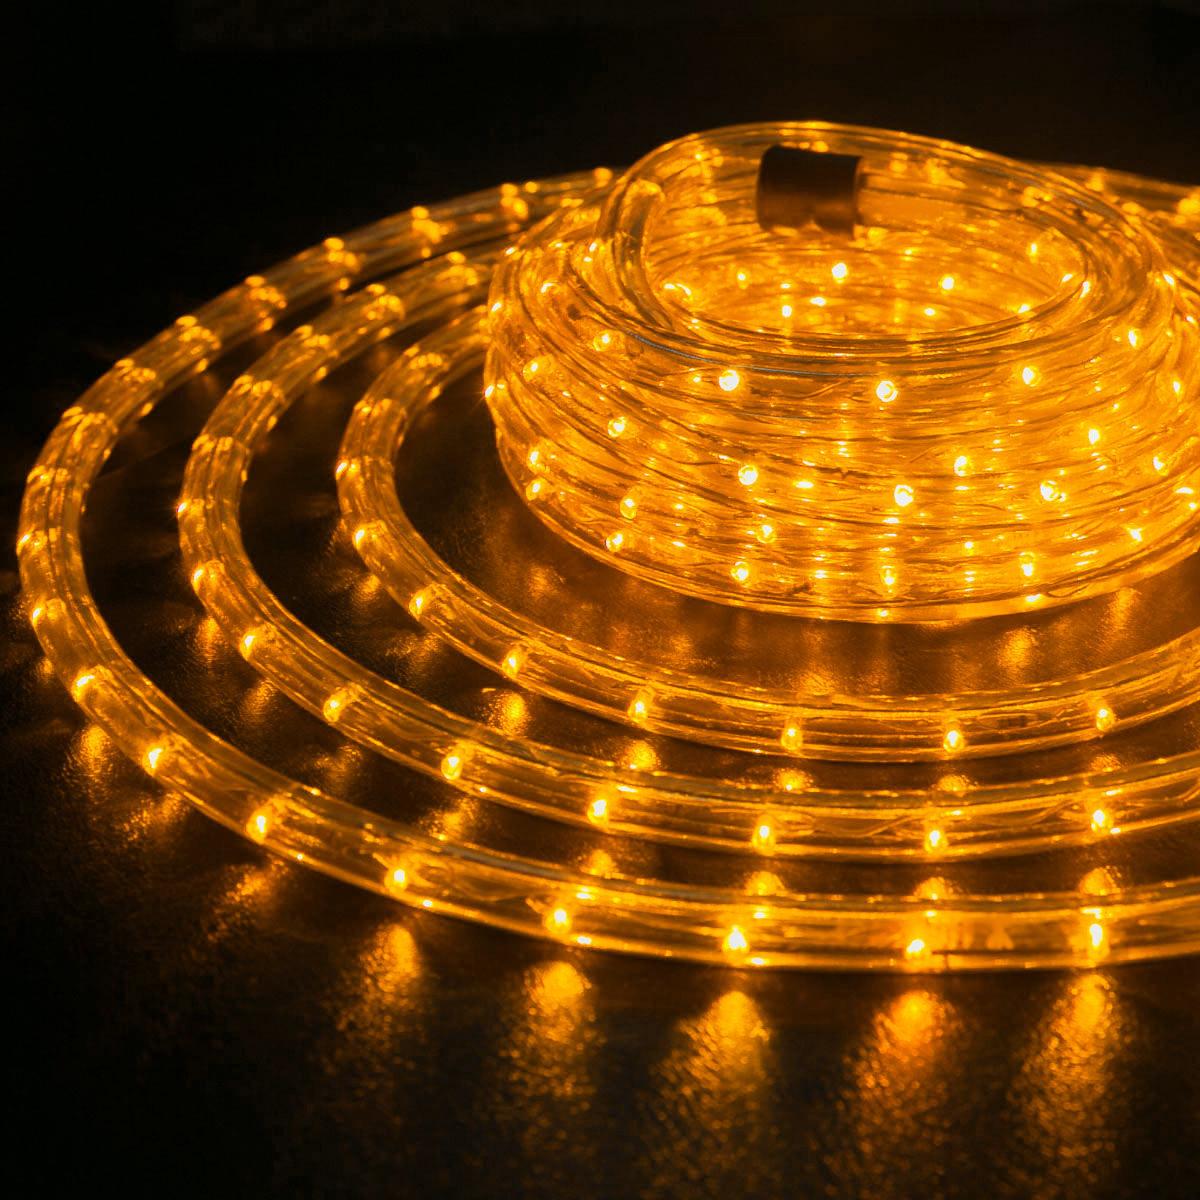 Светодиодный дюраалйт 10 метрво желтый цвет готовый набор шланга LED